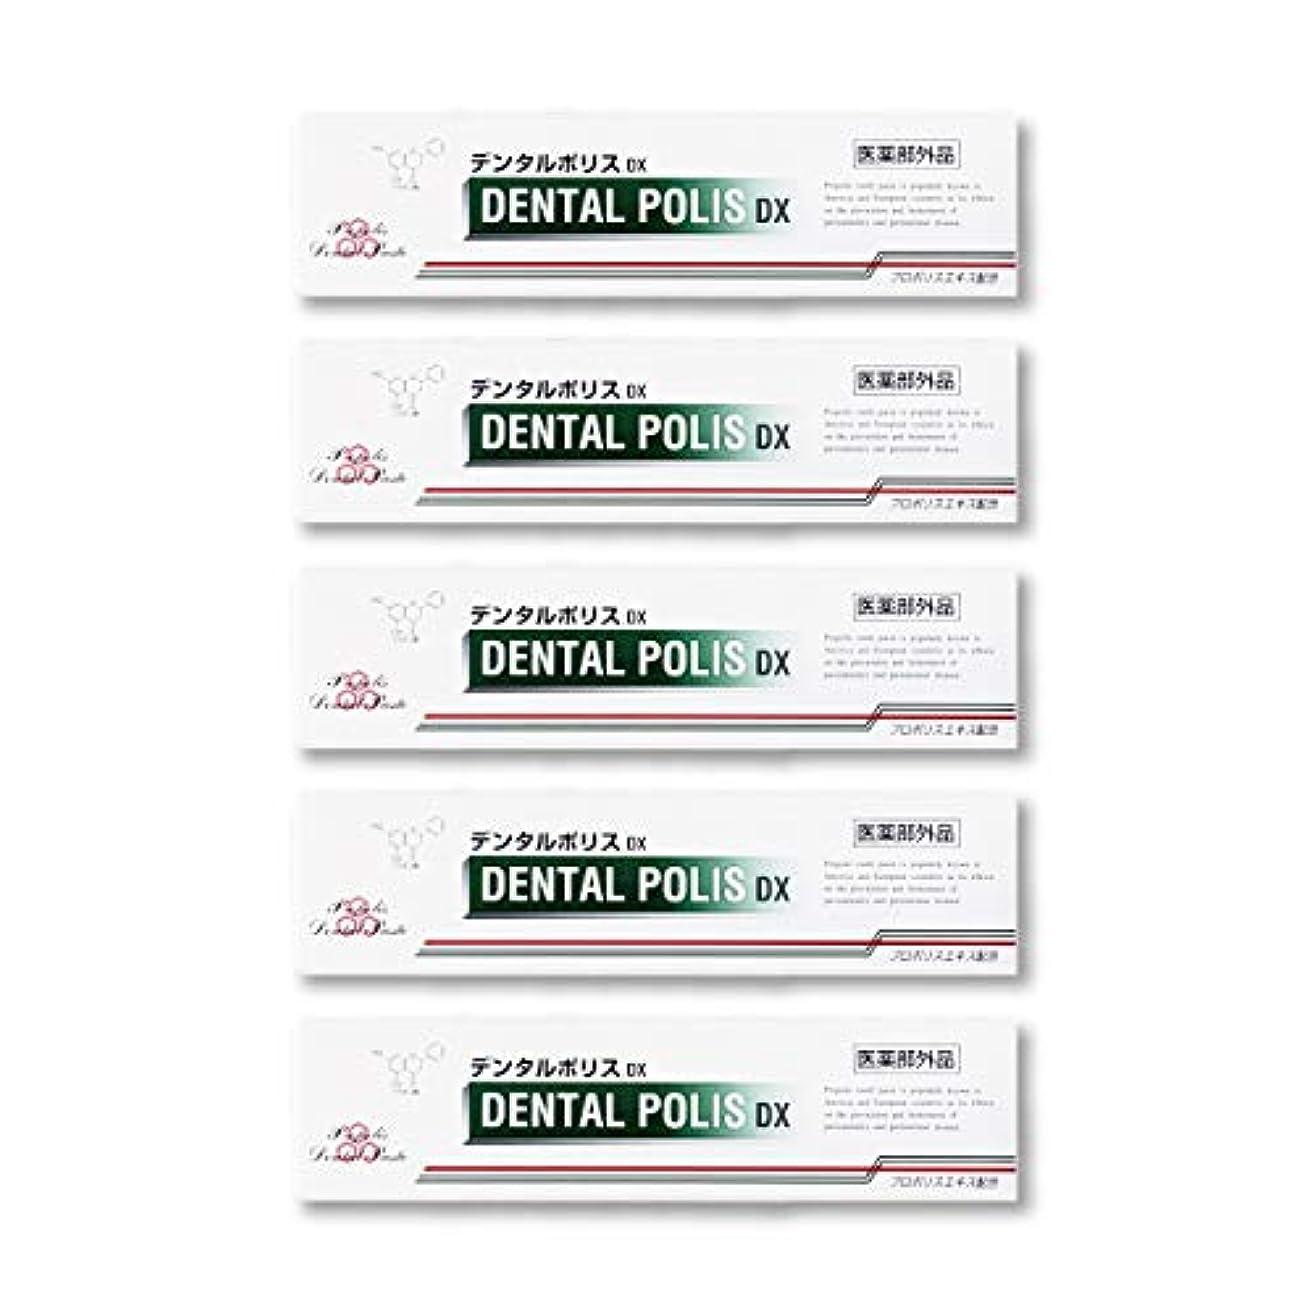 ベジタリアン郵便局寄り添うデンタルポリスDX  80g   5本セット 医薬部外品  歯みがき